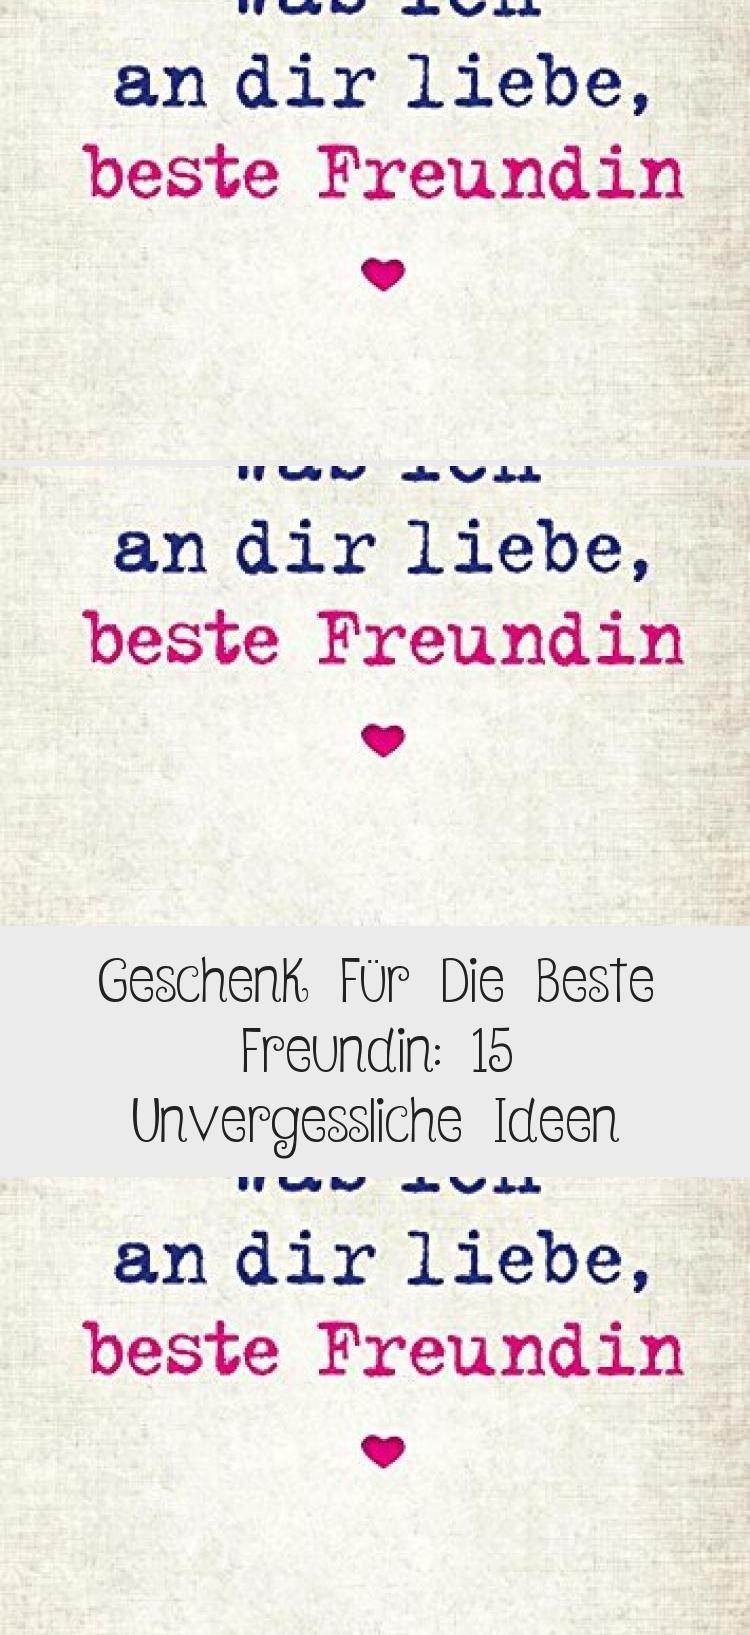 Geschenk Für Die Beste Freundin: 15 Unvergessliche Ideen verwandt mit Geschenk Für Beste Freundin 15